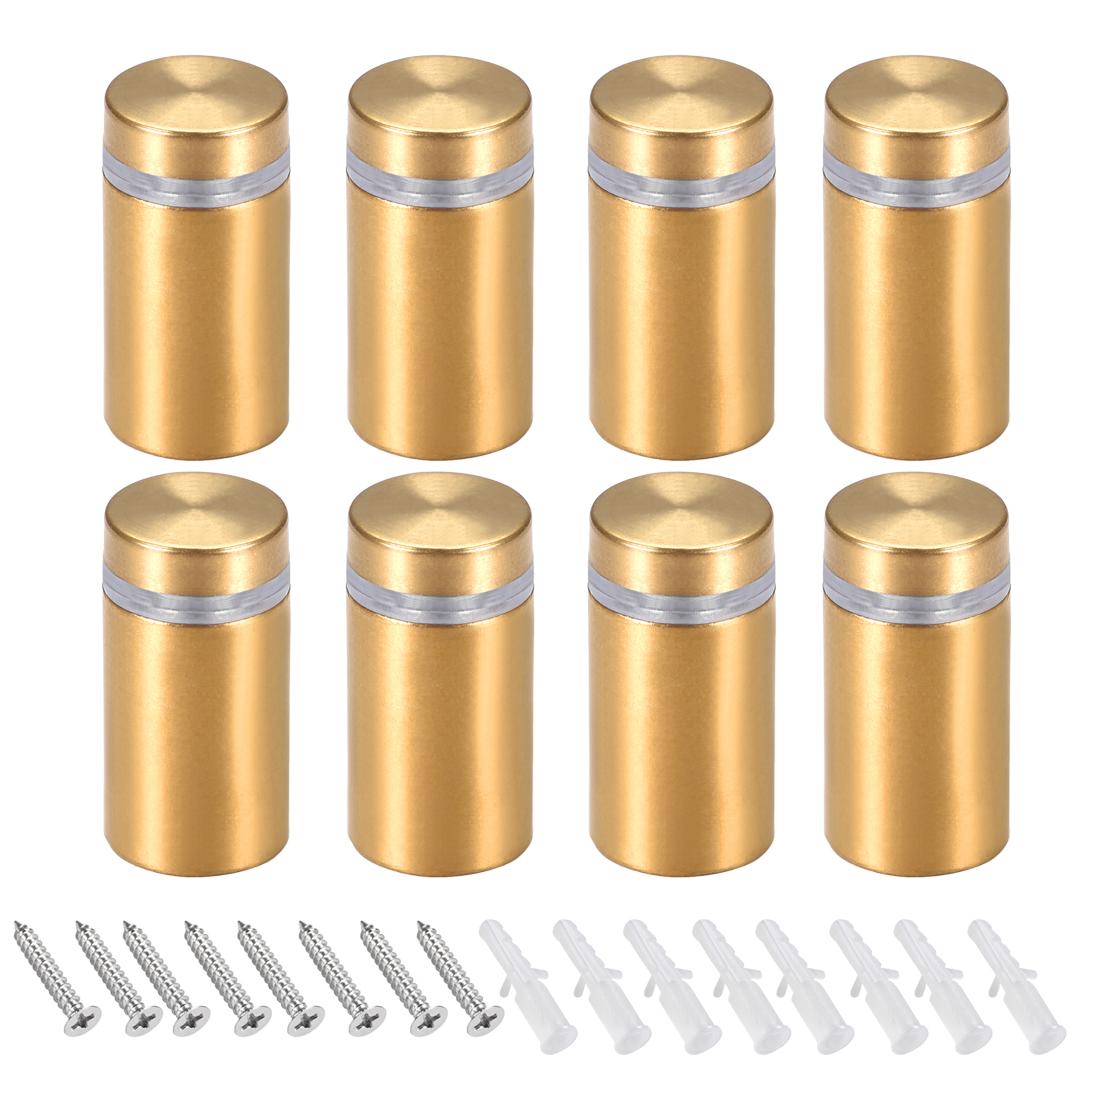 Glass Standoff Mount Wall Standoff Nails 16mm Dia 32mm Length Golden 8 Pcs